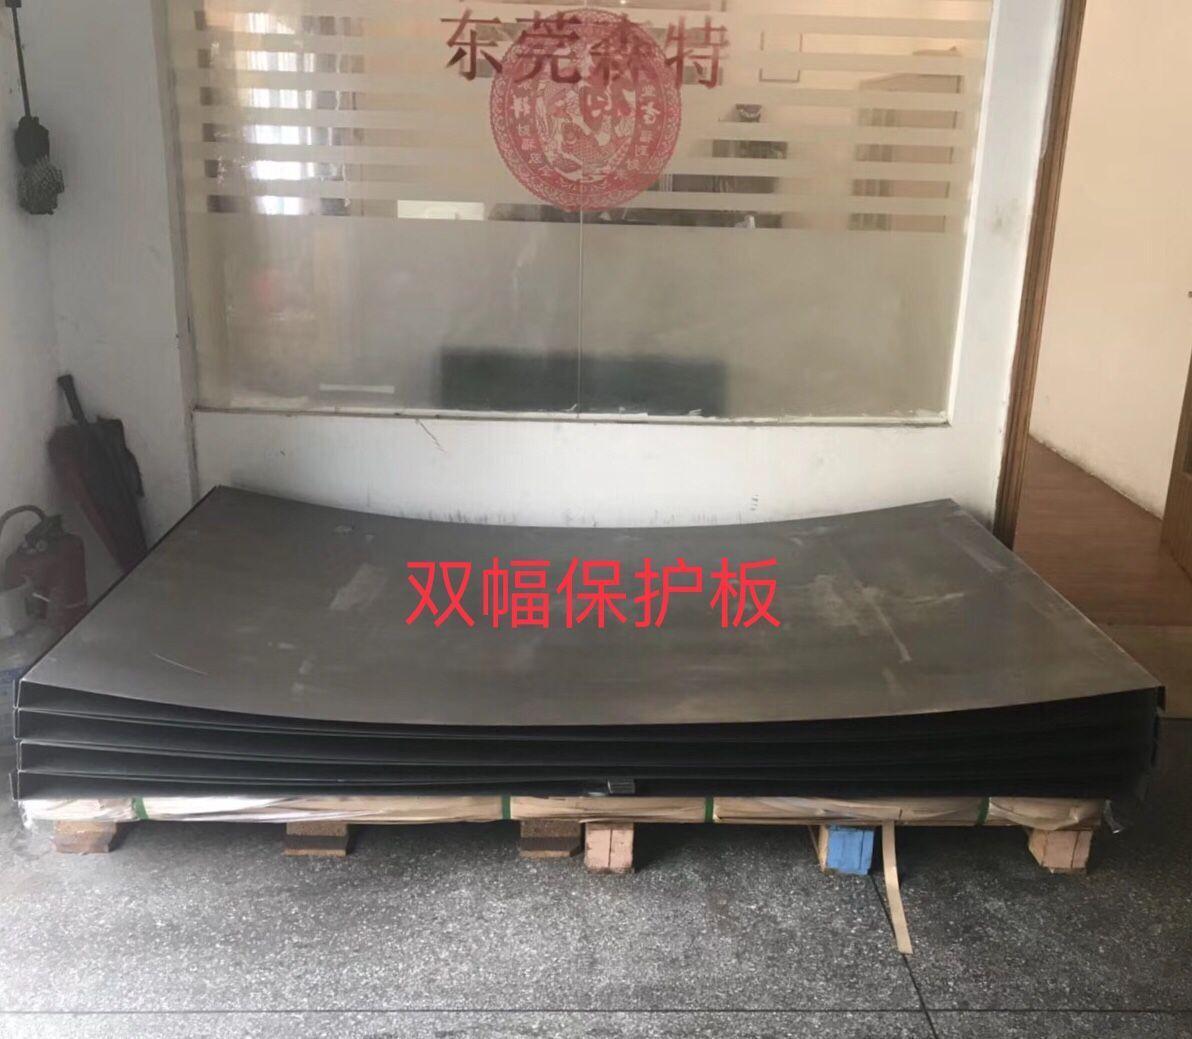 線路板覆銅板鋁基板廠壓機TL1200加熱盤保護板防磨損襯板 5